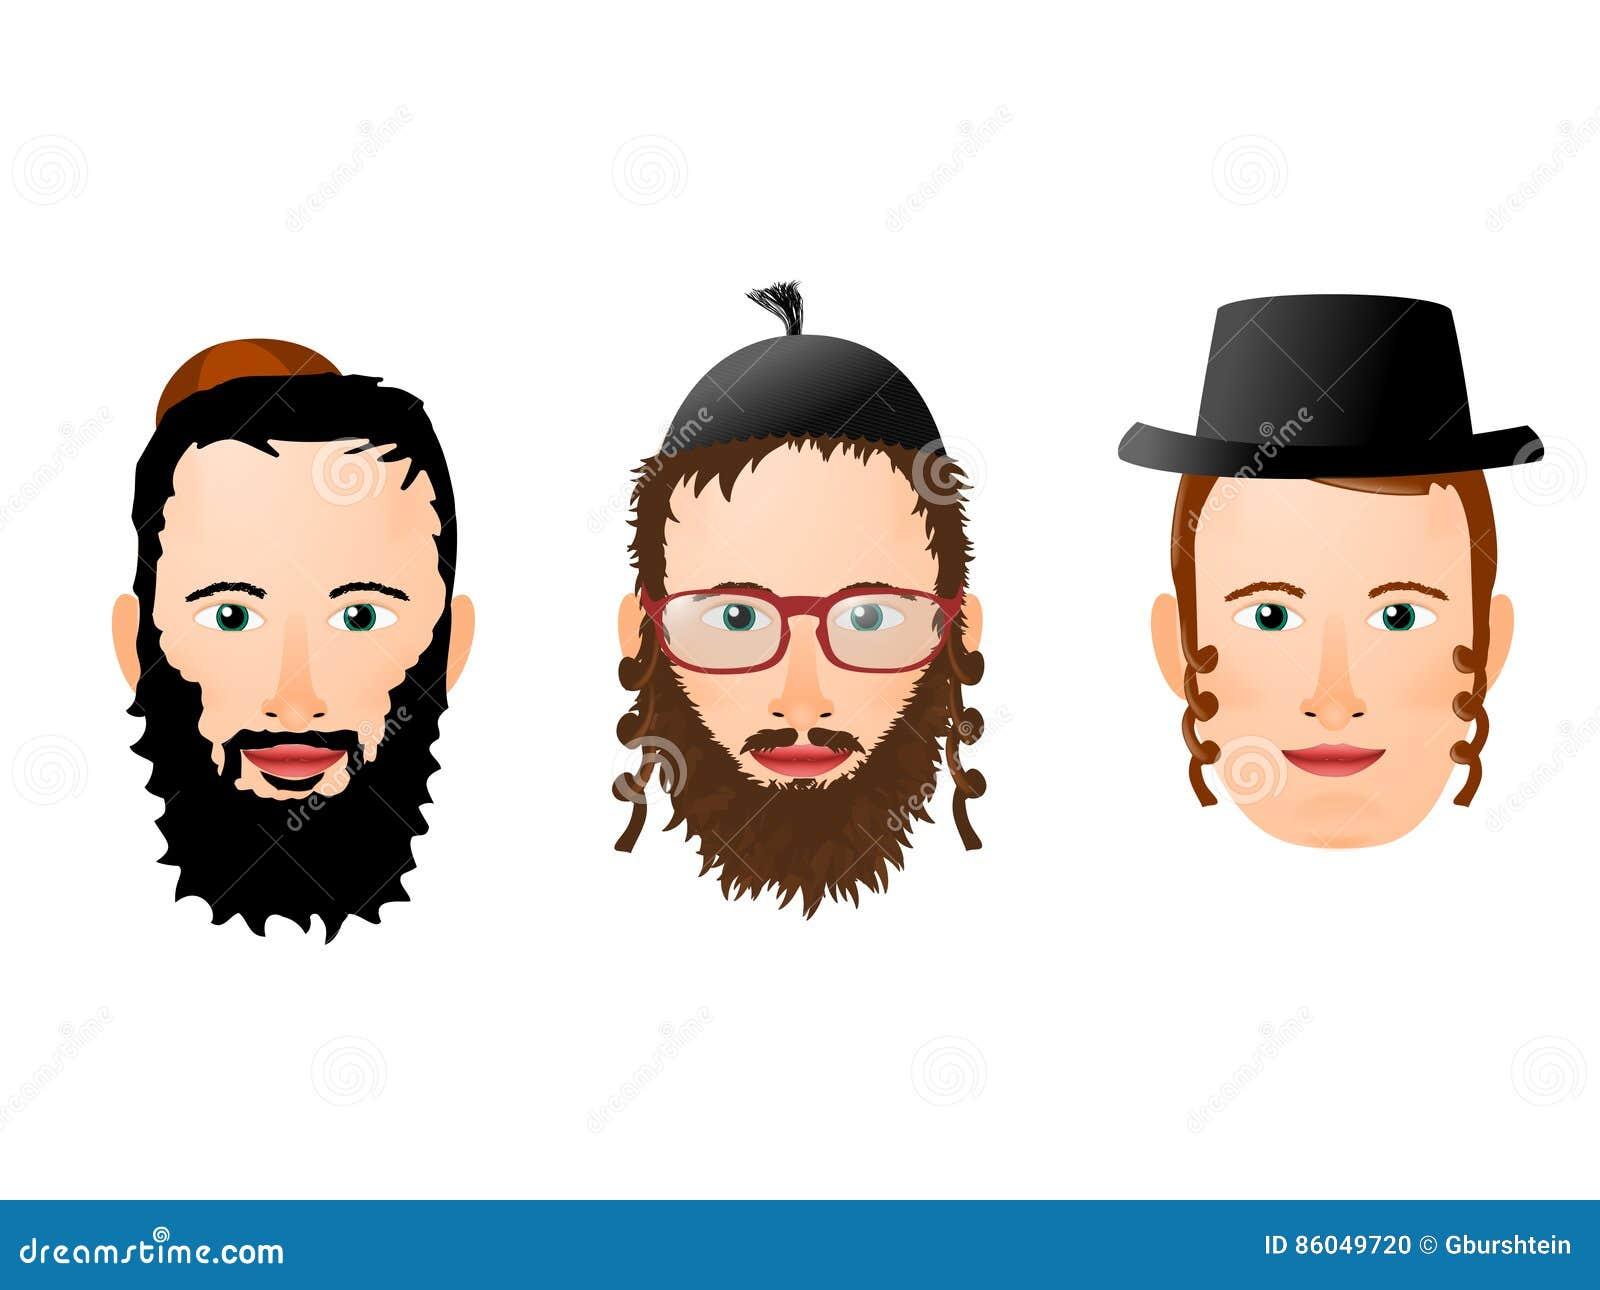 Für männer kopfbedeckungen religiöse Kopftuch und